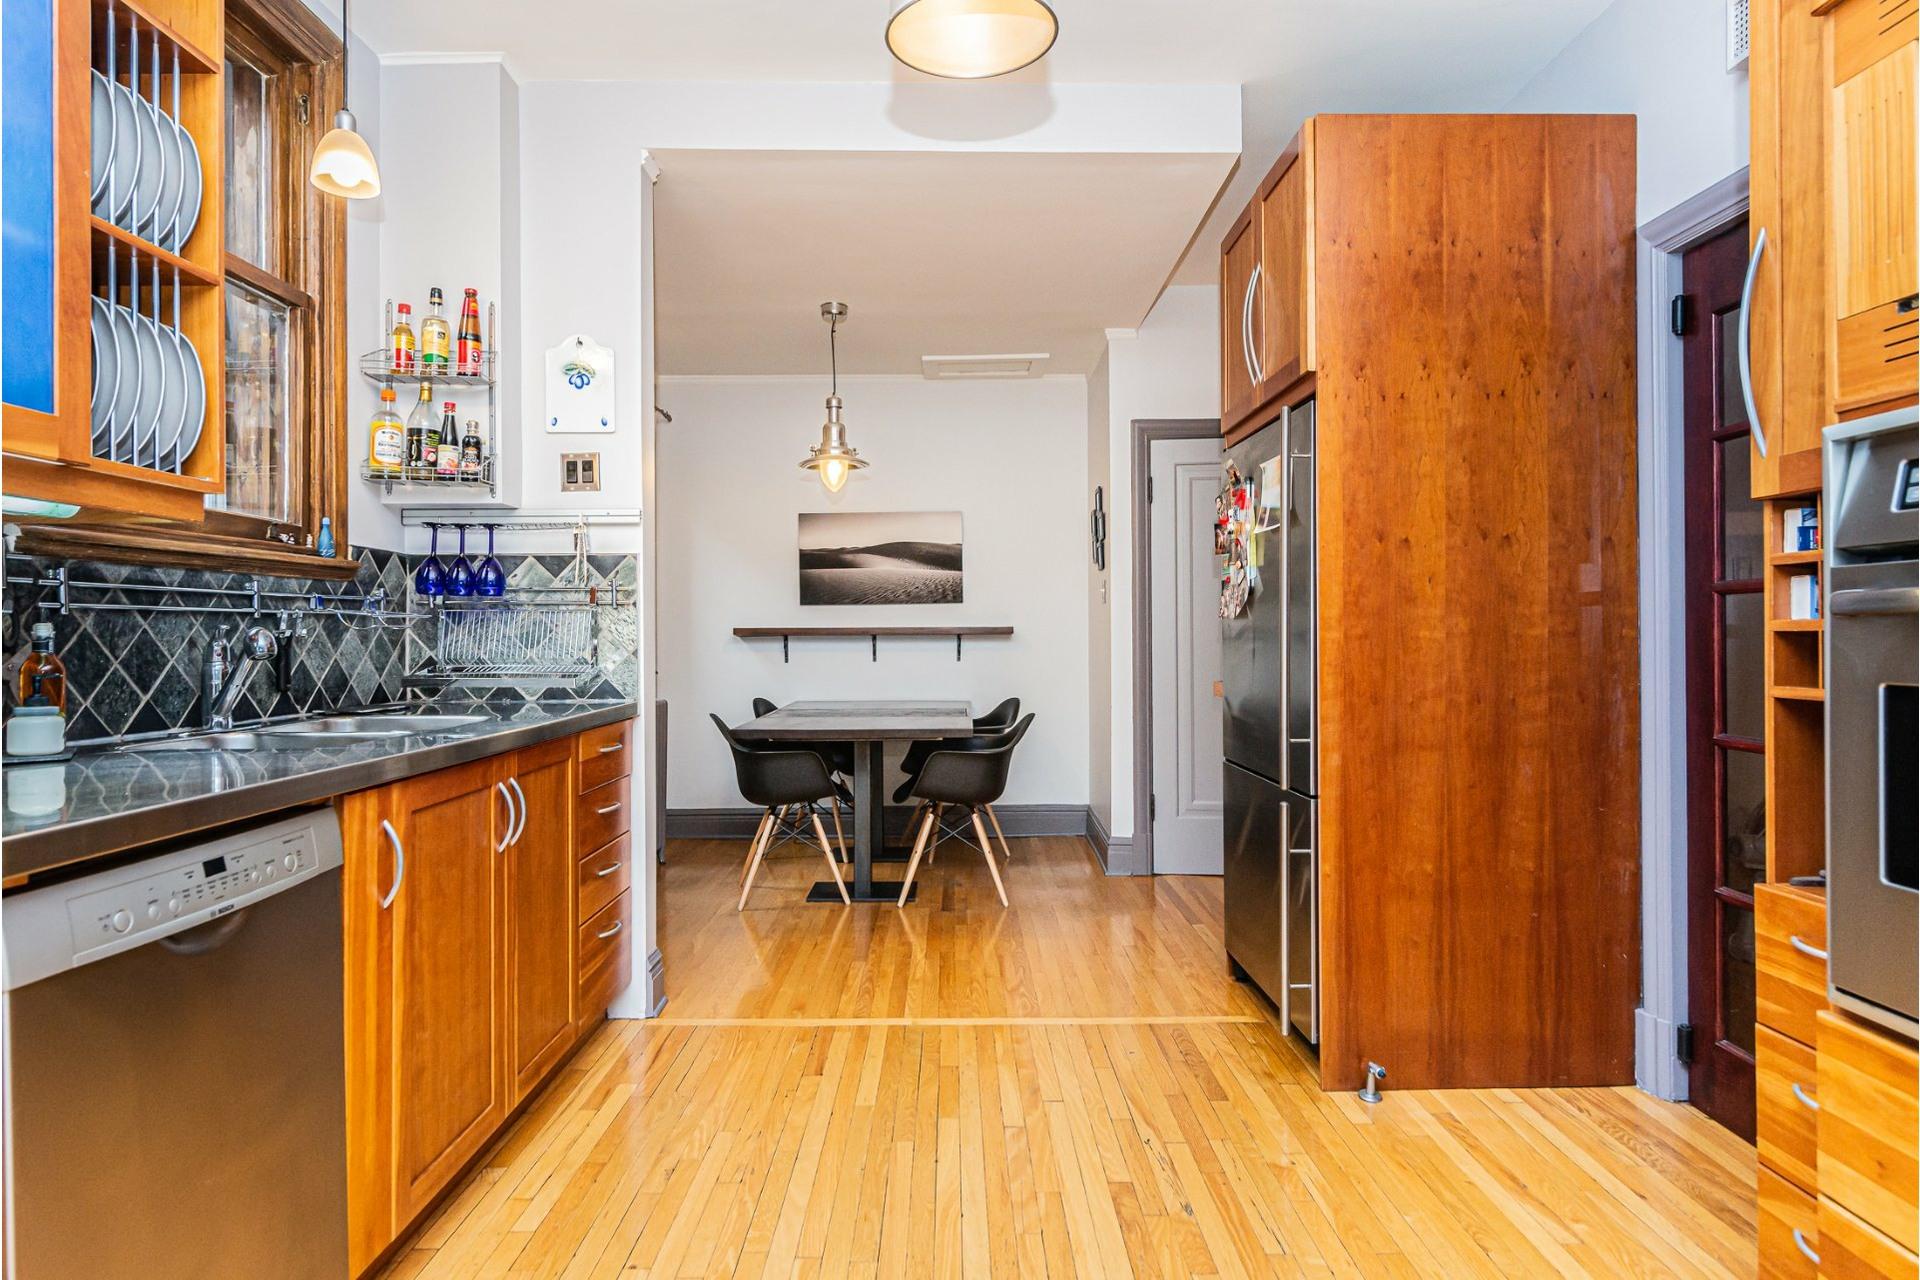 image 10 - House For rent Côte-des-Neiges/Notre-Dame-de-Grâce Montréal  - 9 rooms